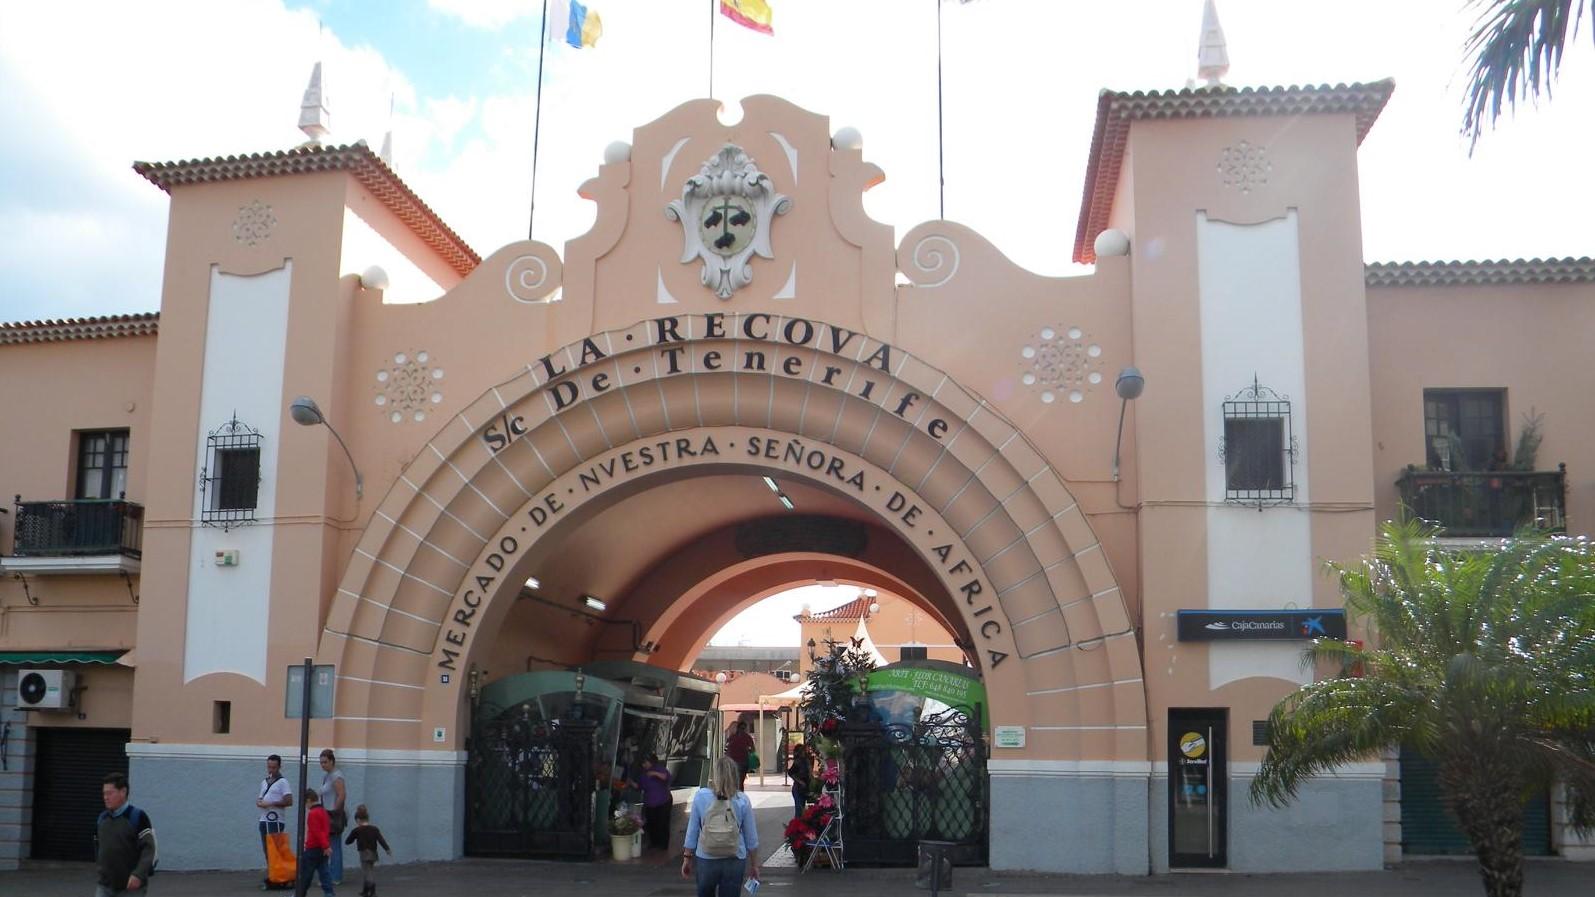 Markthalle Nuestra Señora de África